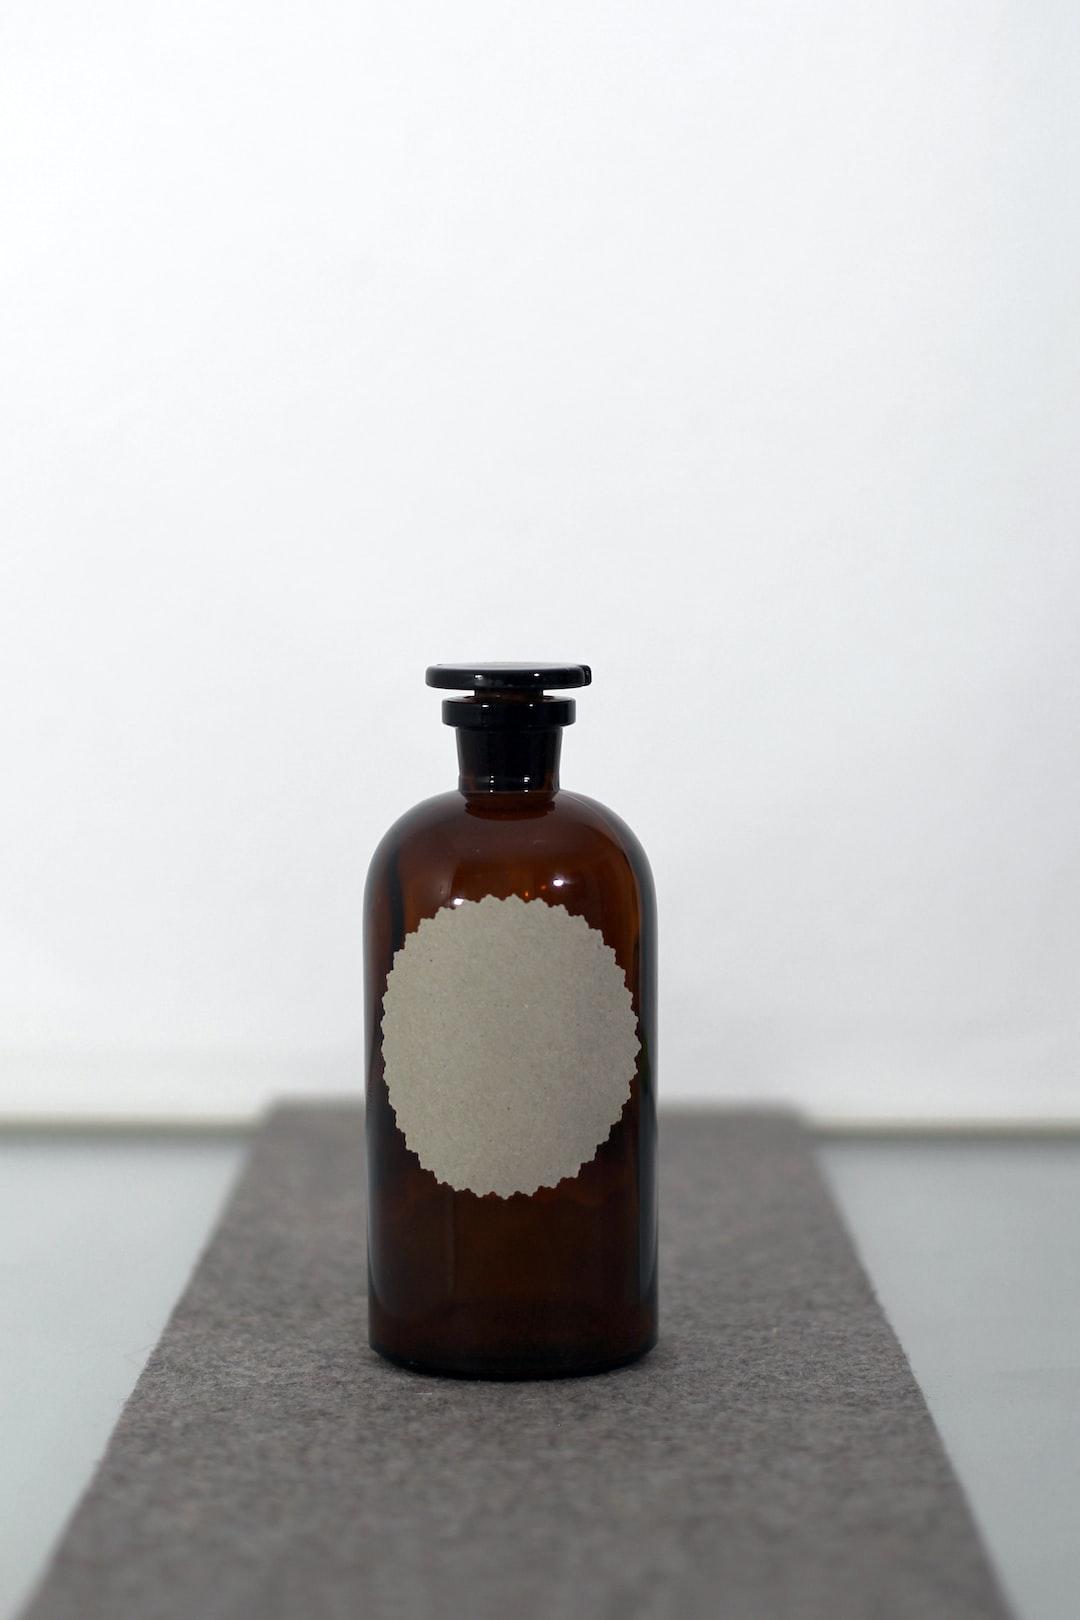 pharmacist bottle